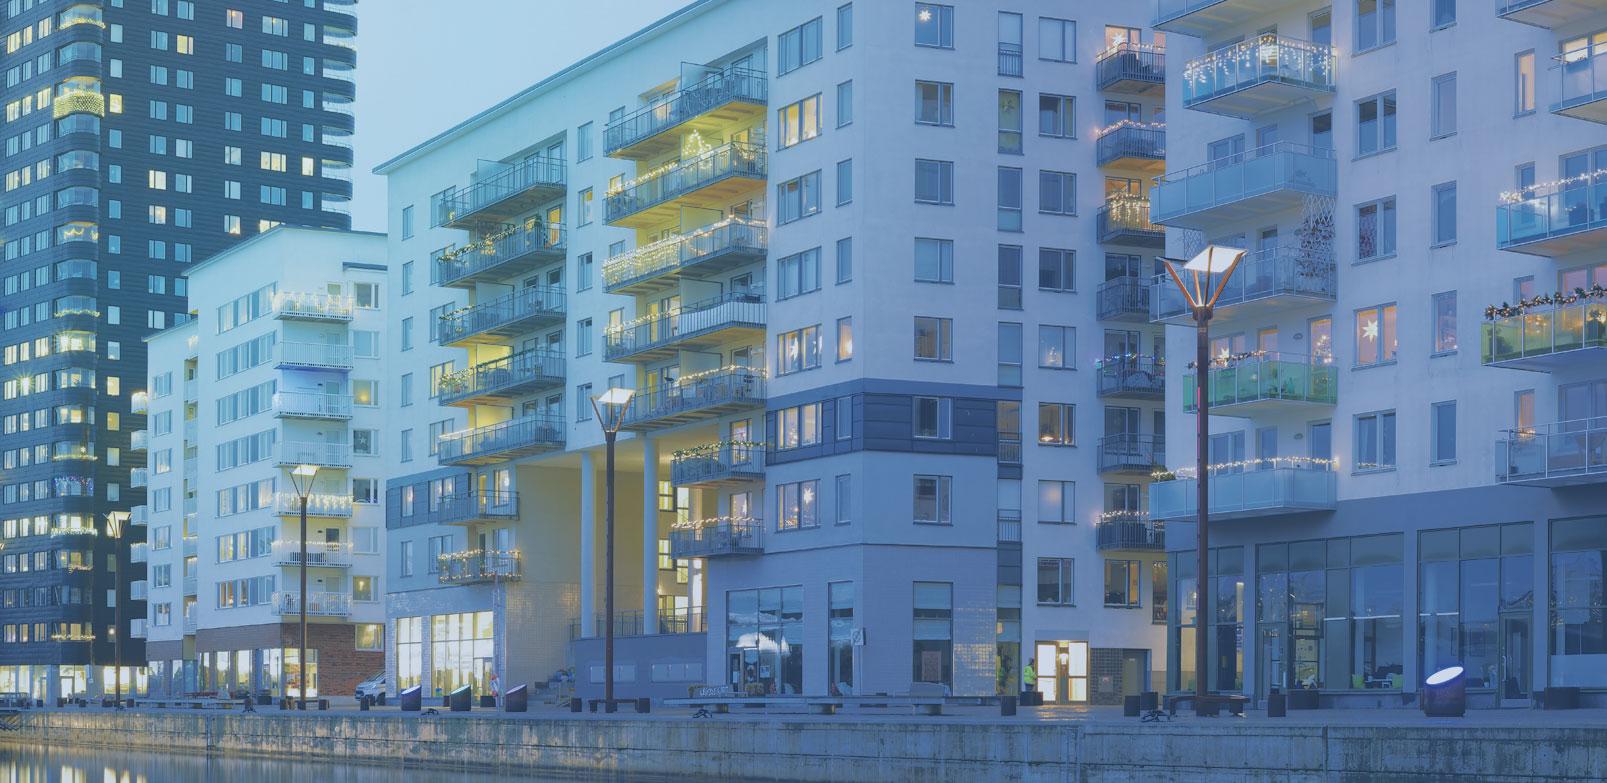 Fire Door Regulations Residential on